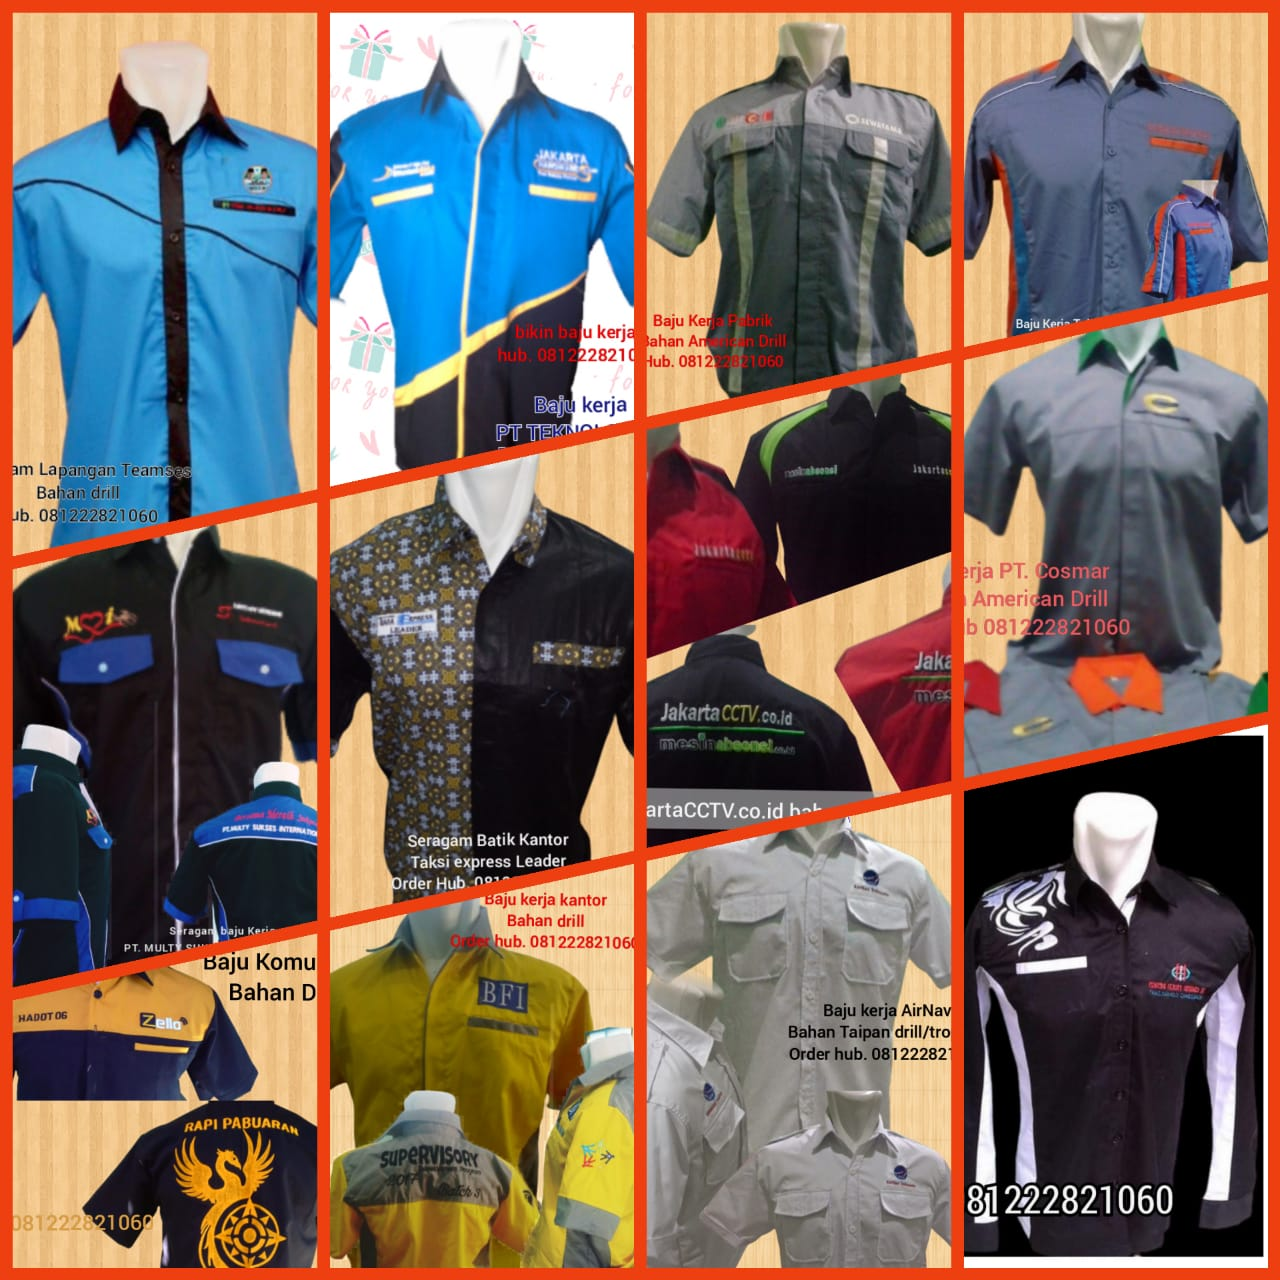 Baju Seragam Kerja Lapangan Banjar Kalimantan Selatan